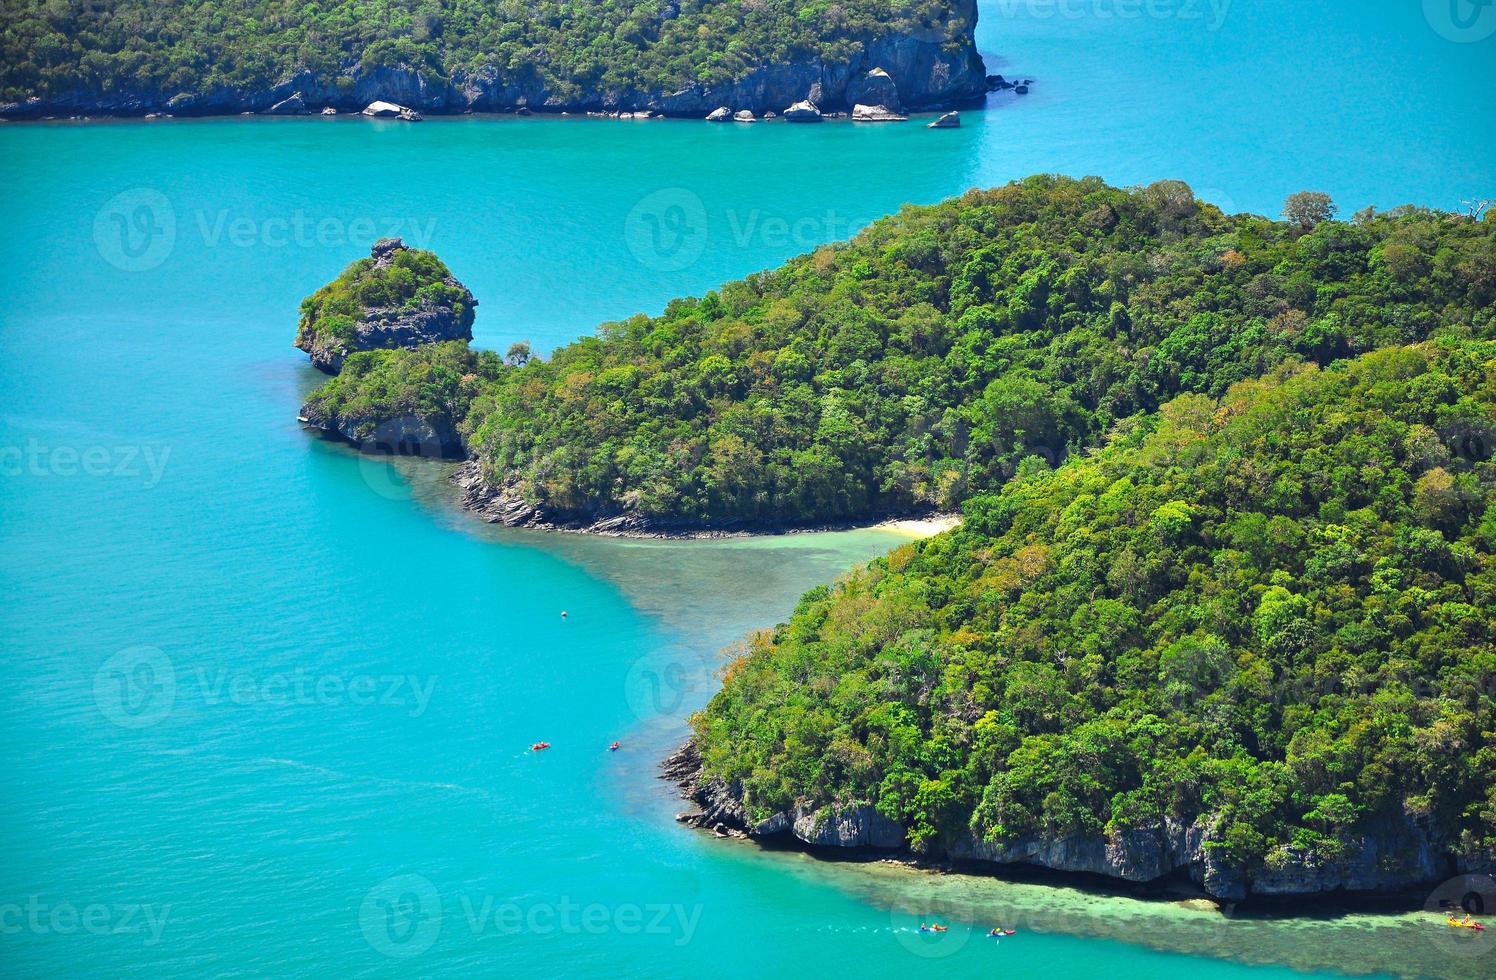 parque marinho nacional ang thong, koh samui, tailândia foto